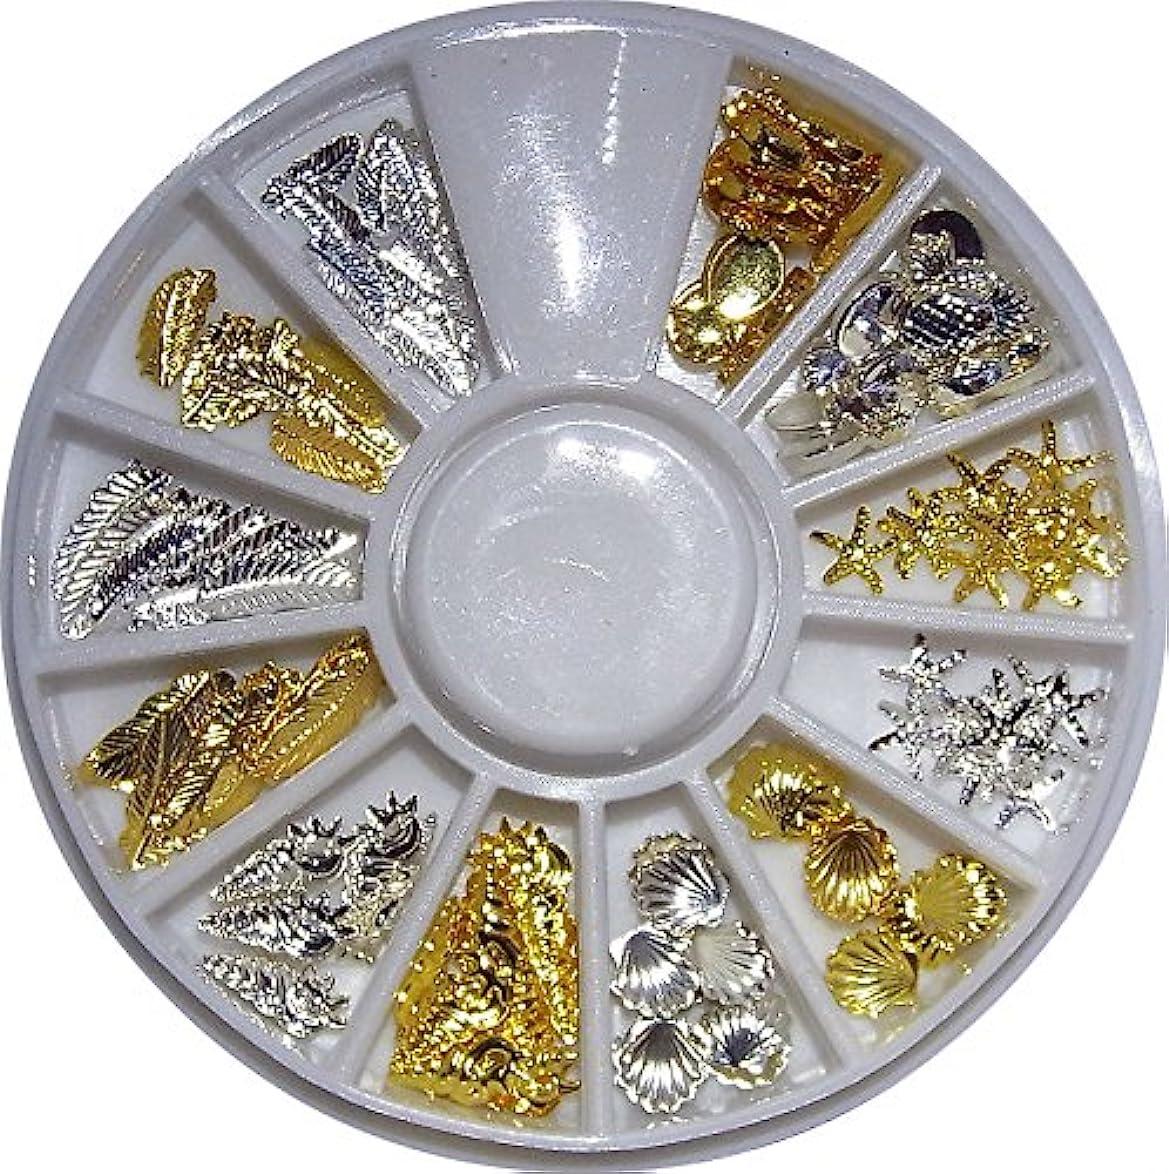 大宇宙クーポン遠い【jewel】hk9 マリンパーツ ゴールド&シルバー サマーネイル レジン用メタルパーツ 各種10個入り